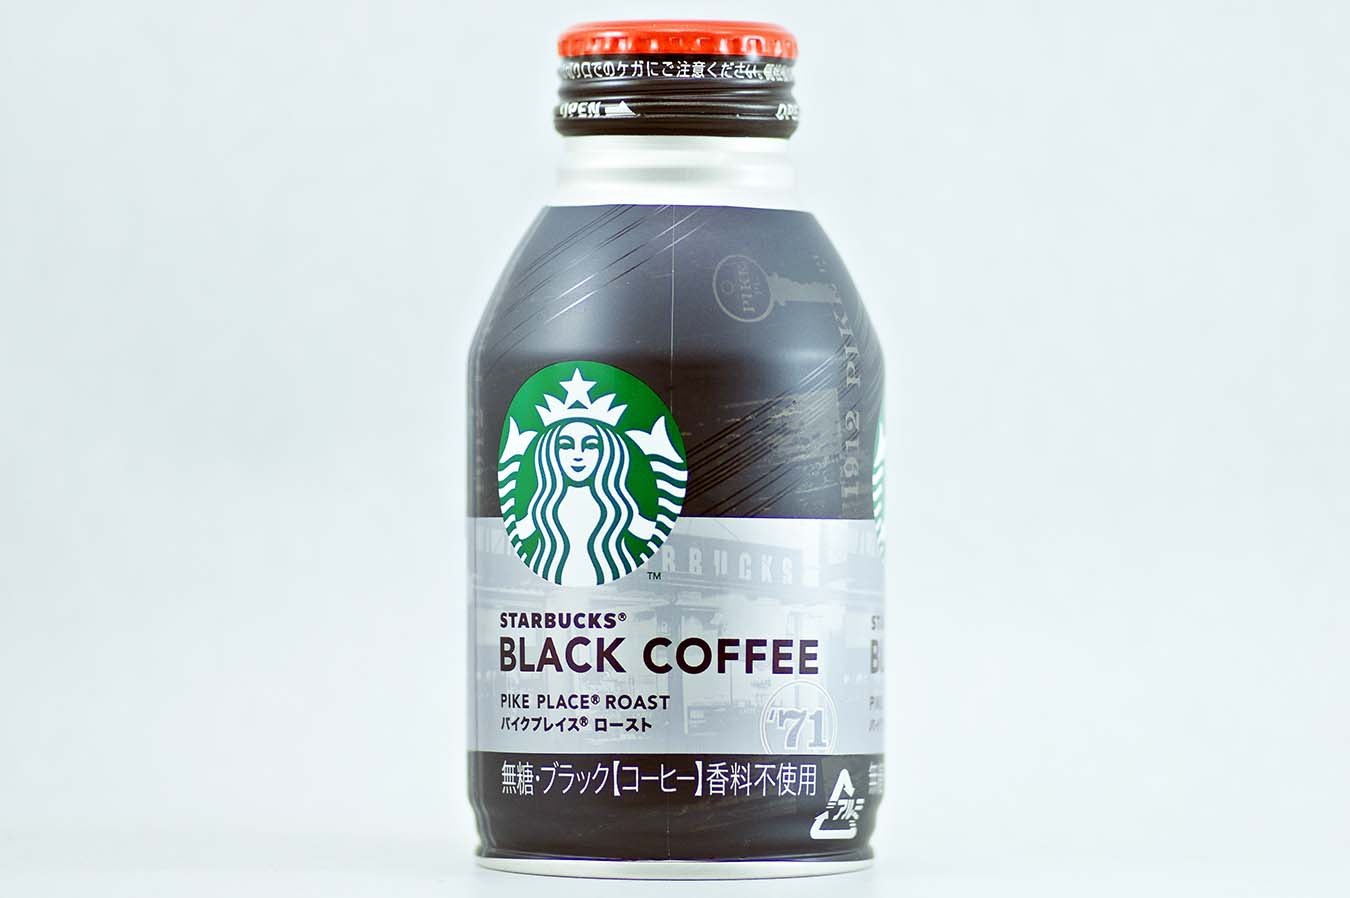 スターバックス ブラックコーヒー パイクプレイス ロースト